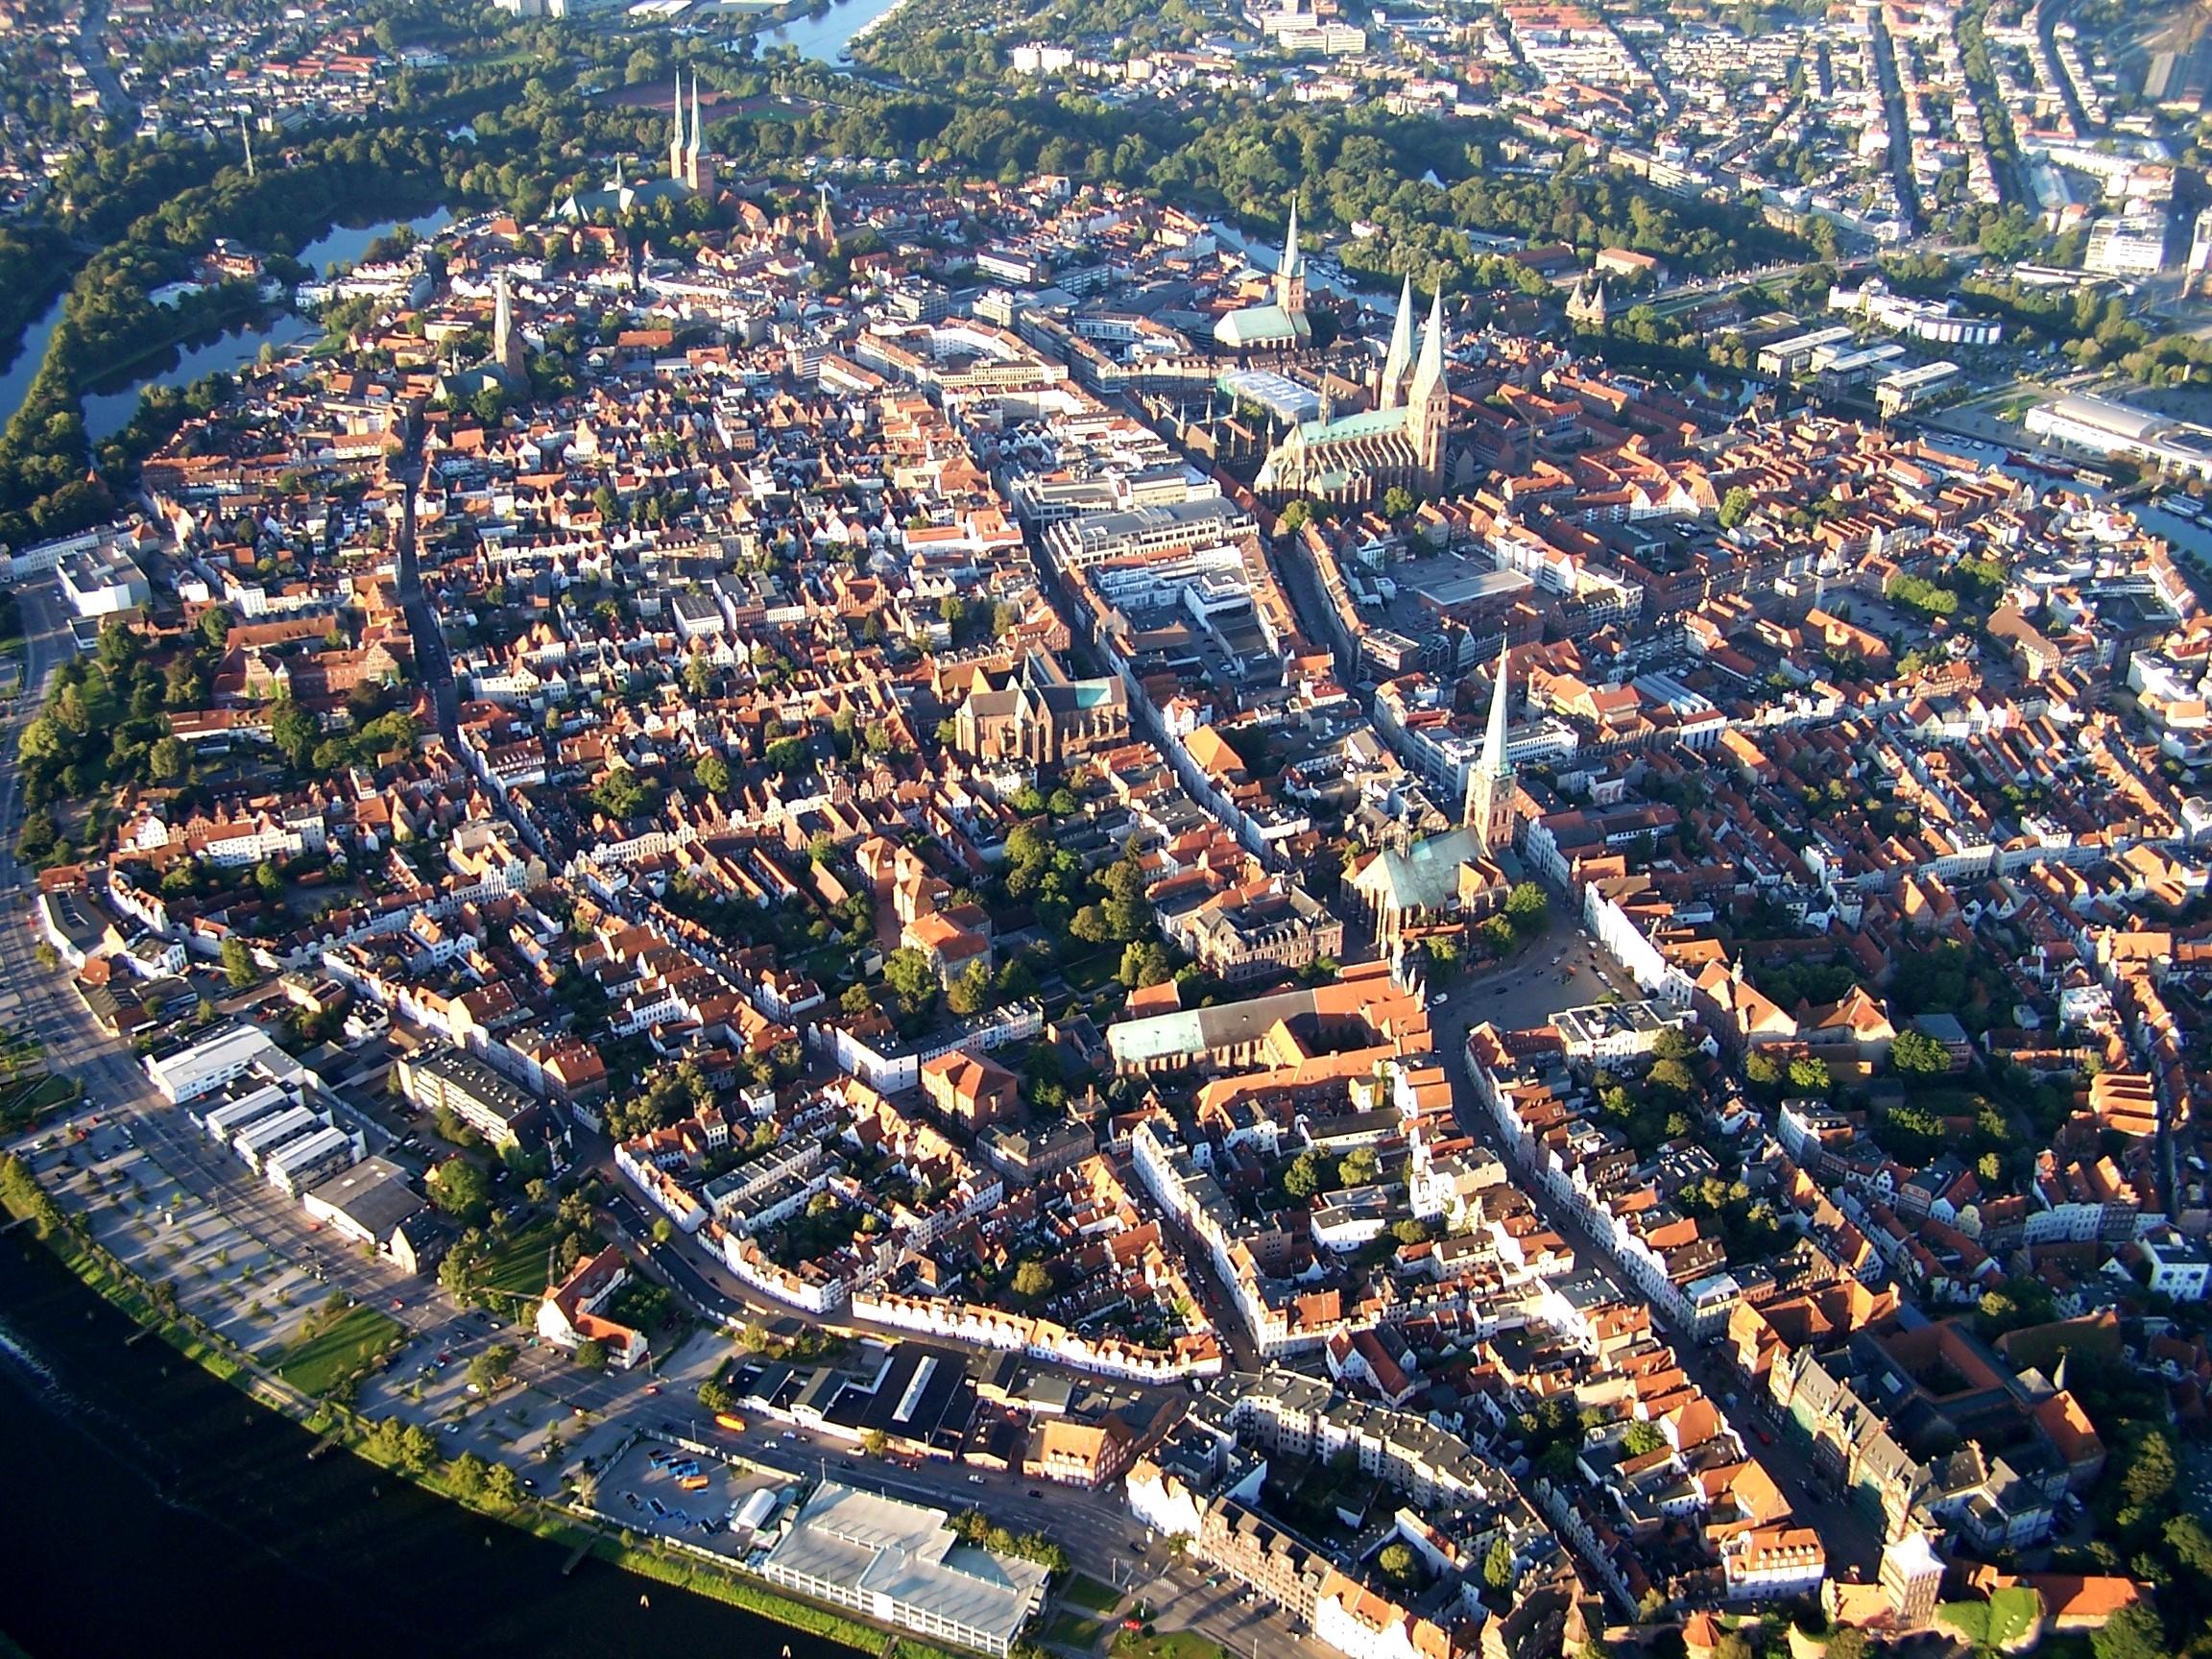 Шлезвиг-Гольштейн, Германия: самые интересные достопримечательности, куда пойти, где и что поесть, отзывы туристов